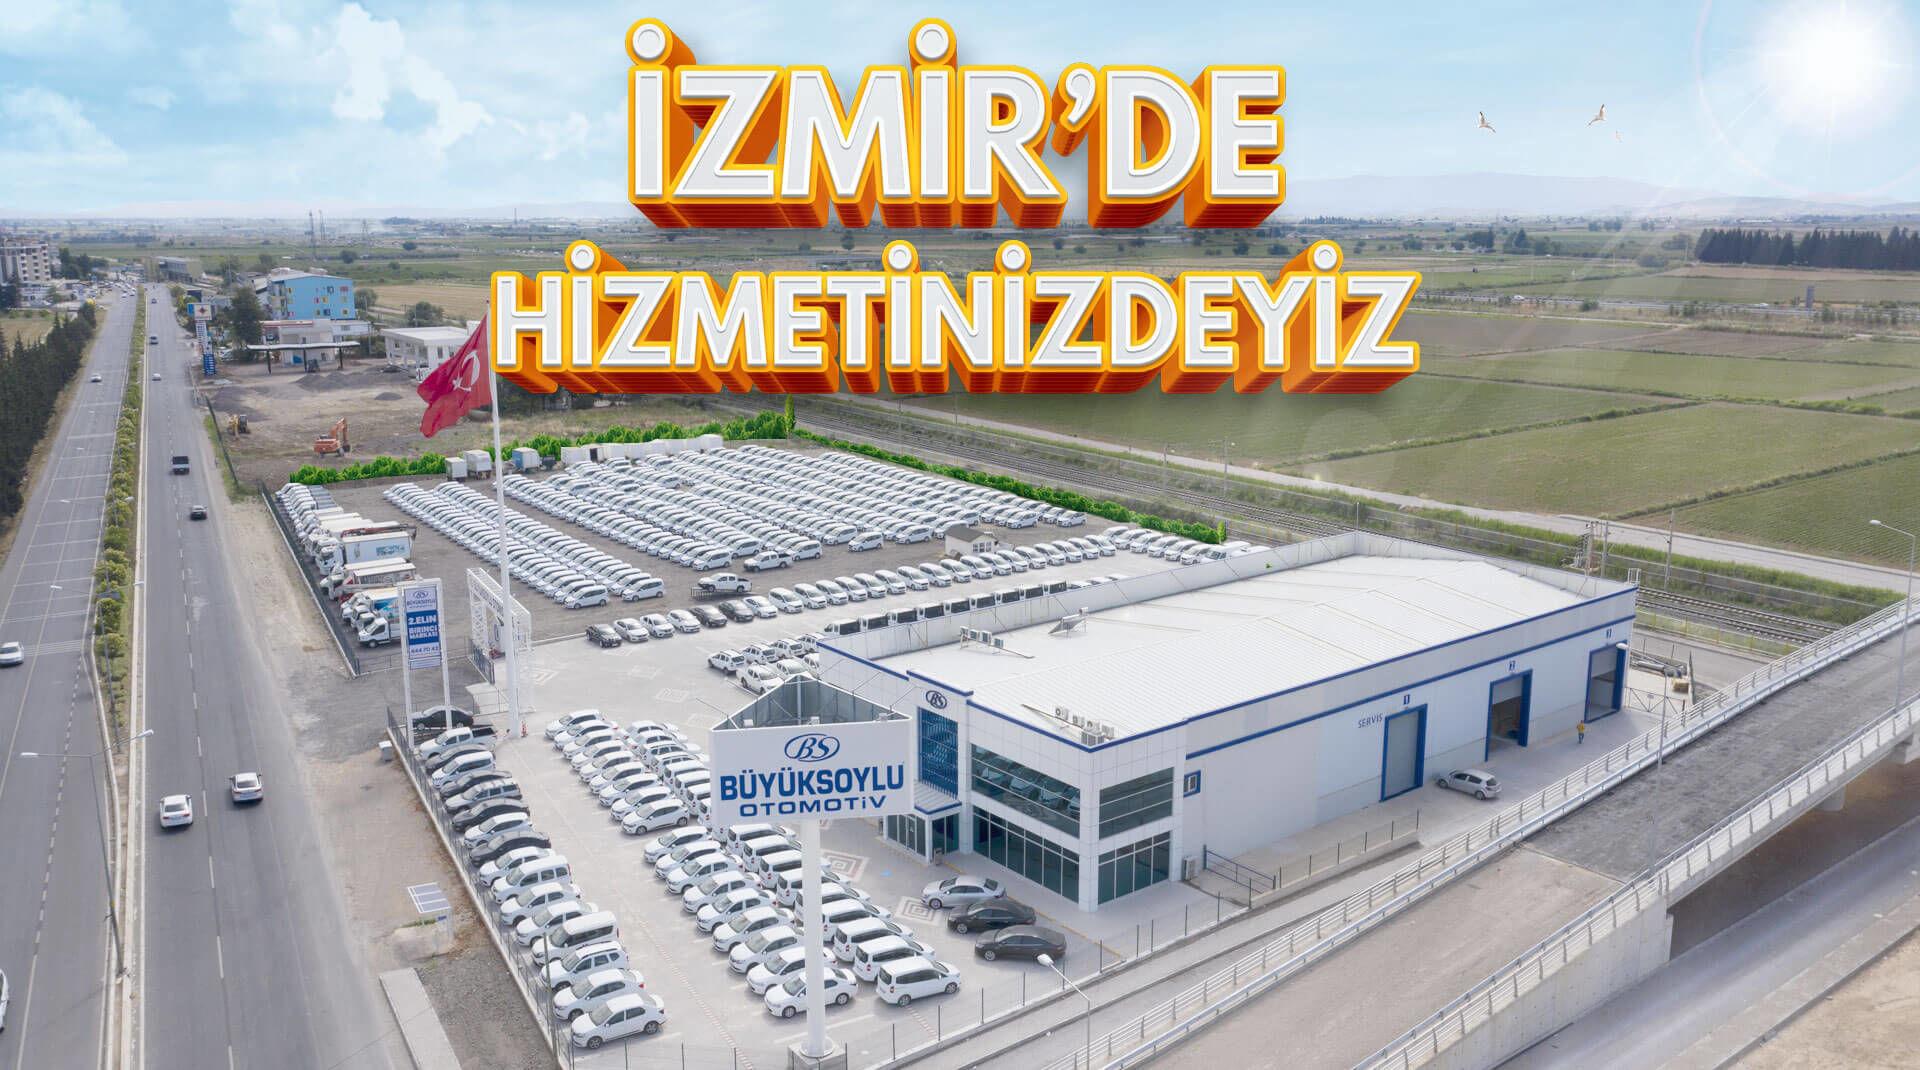 İzmir'de Hizmetinizdeyiz